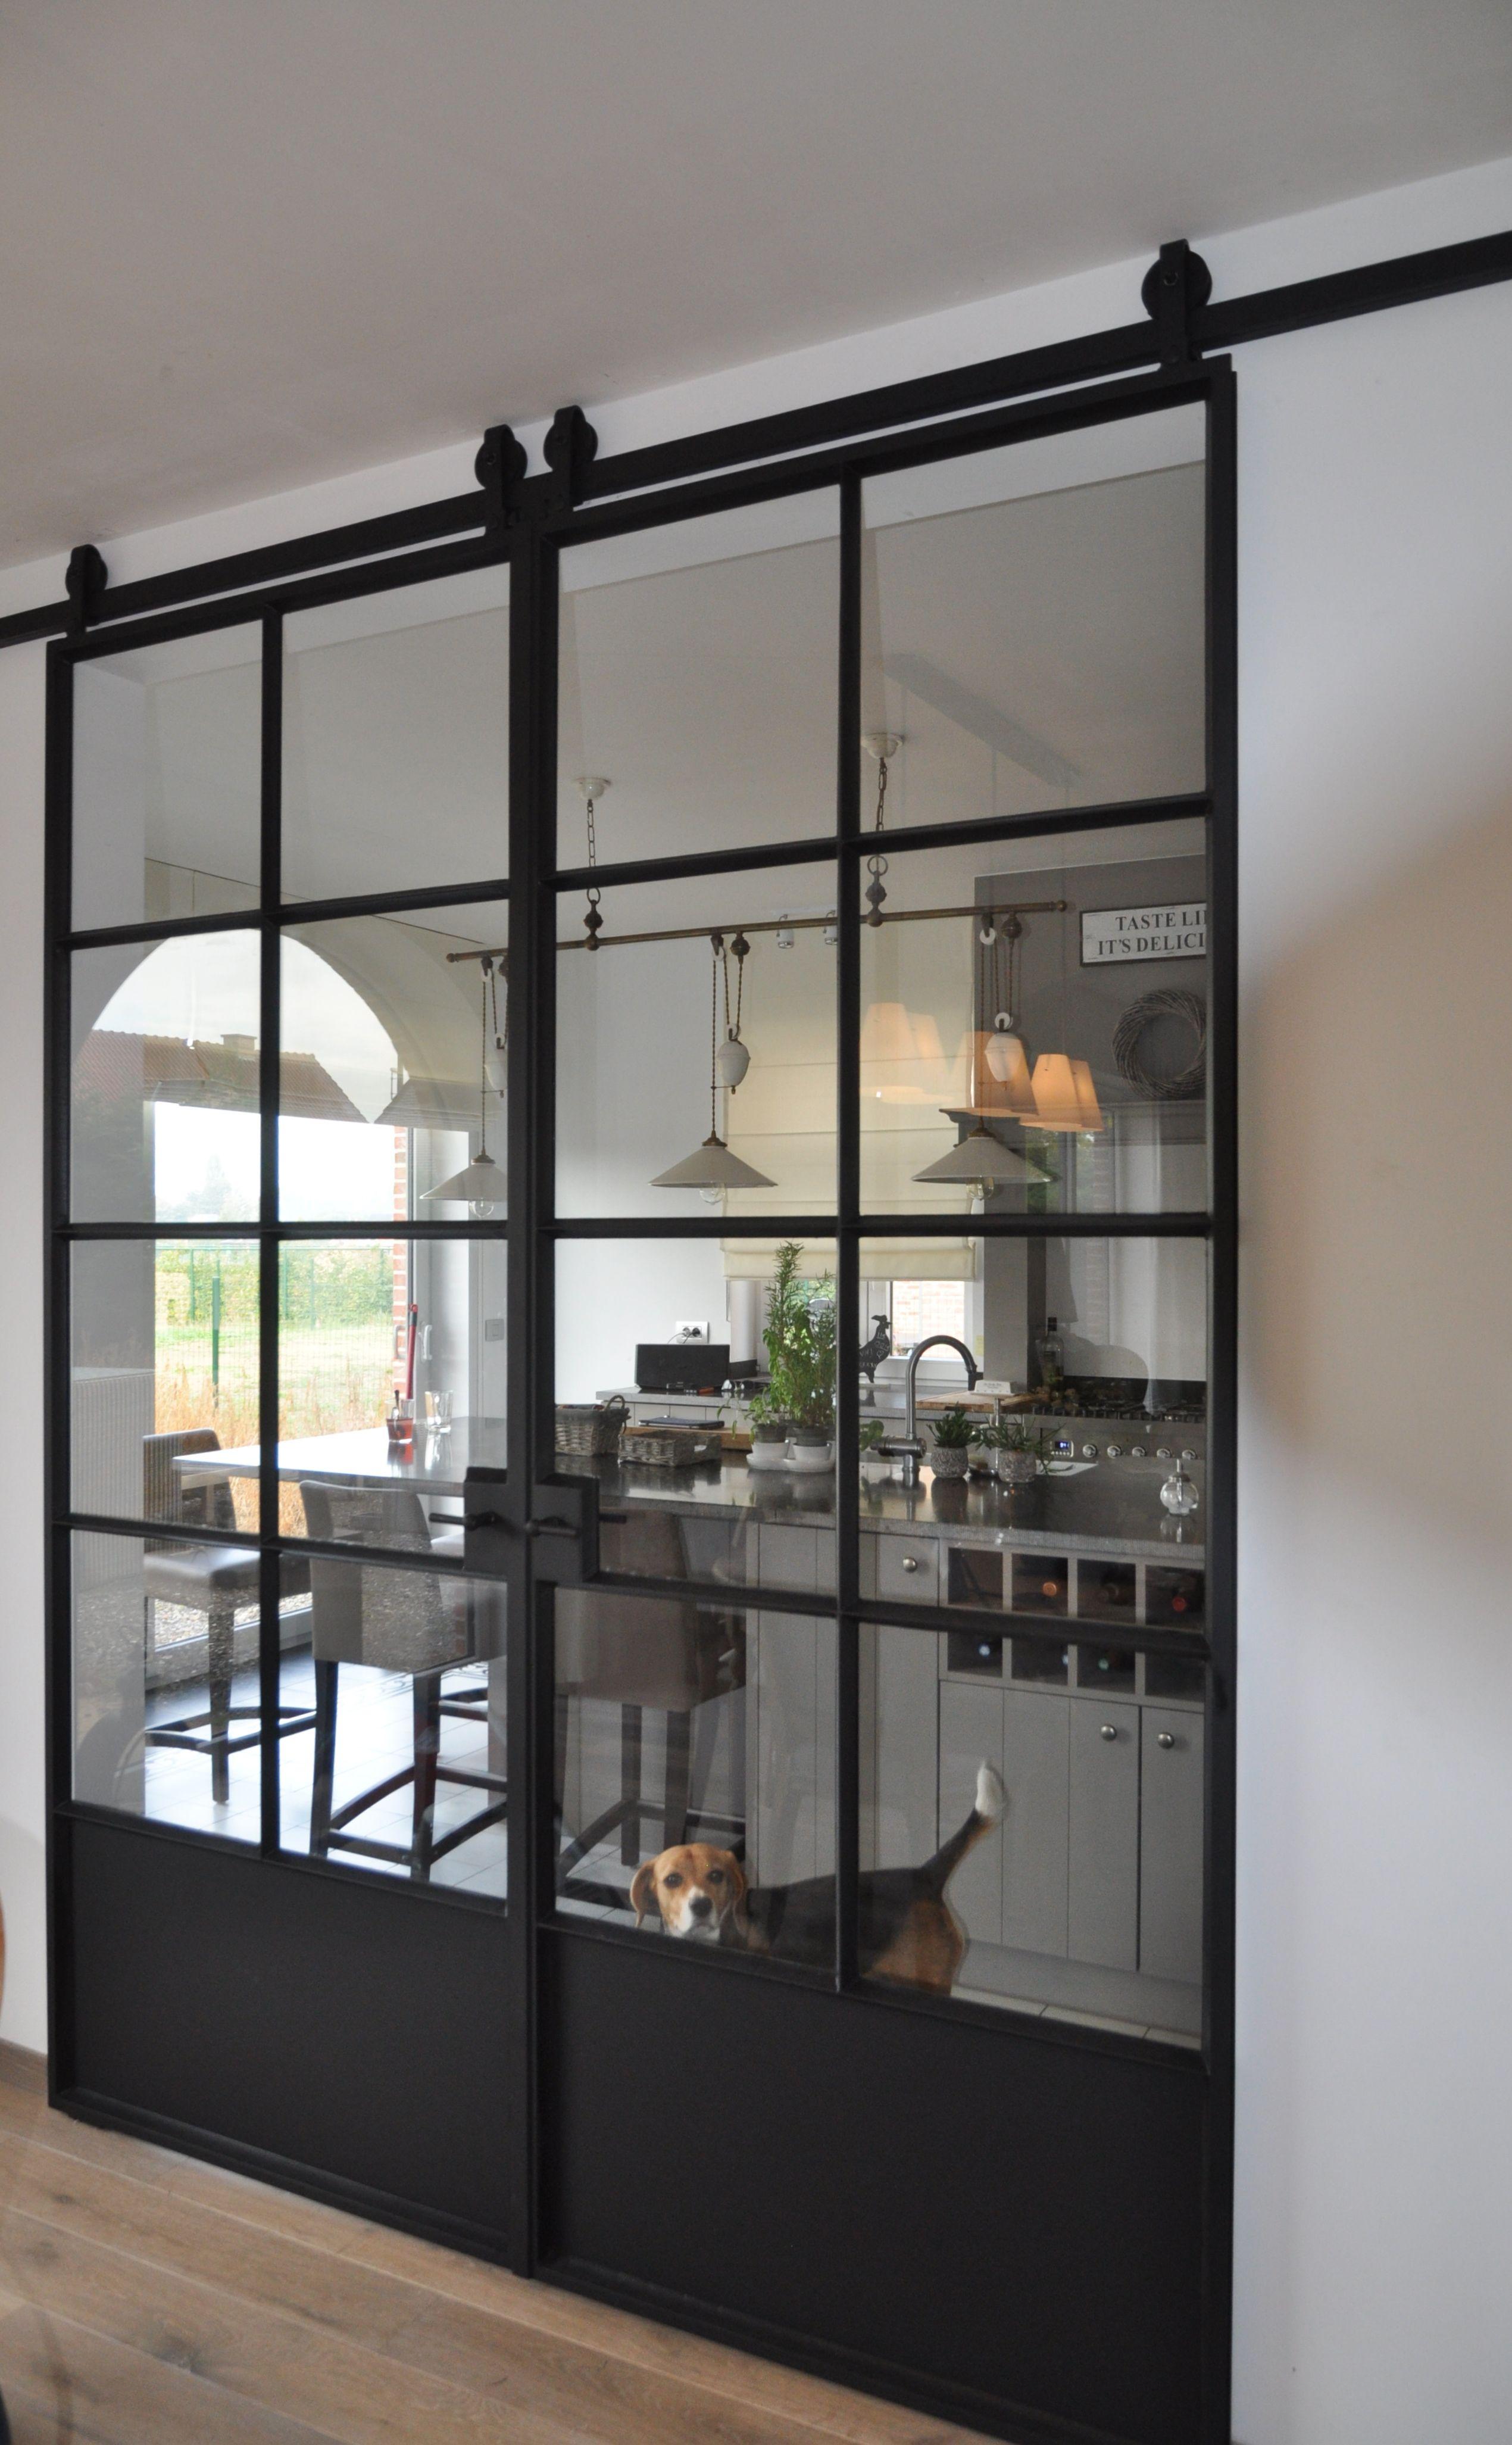 Pin von R+K Haven auf Doors | Pinterest | Küche und Häuschen